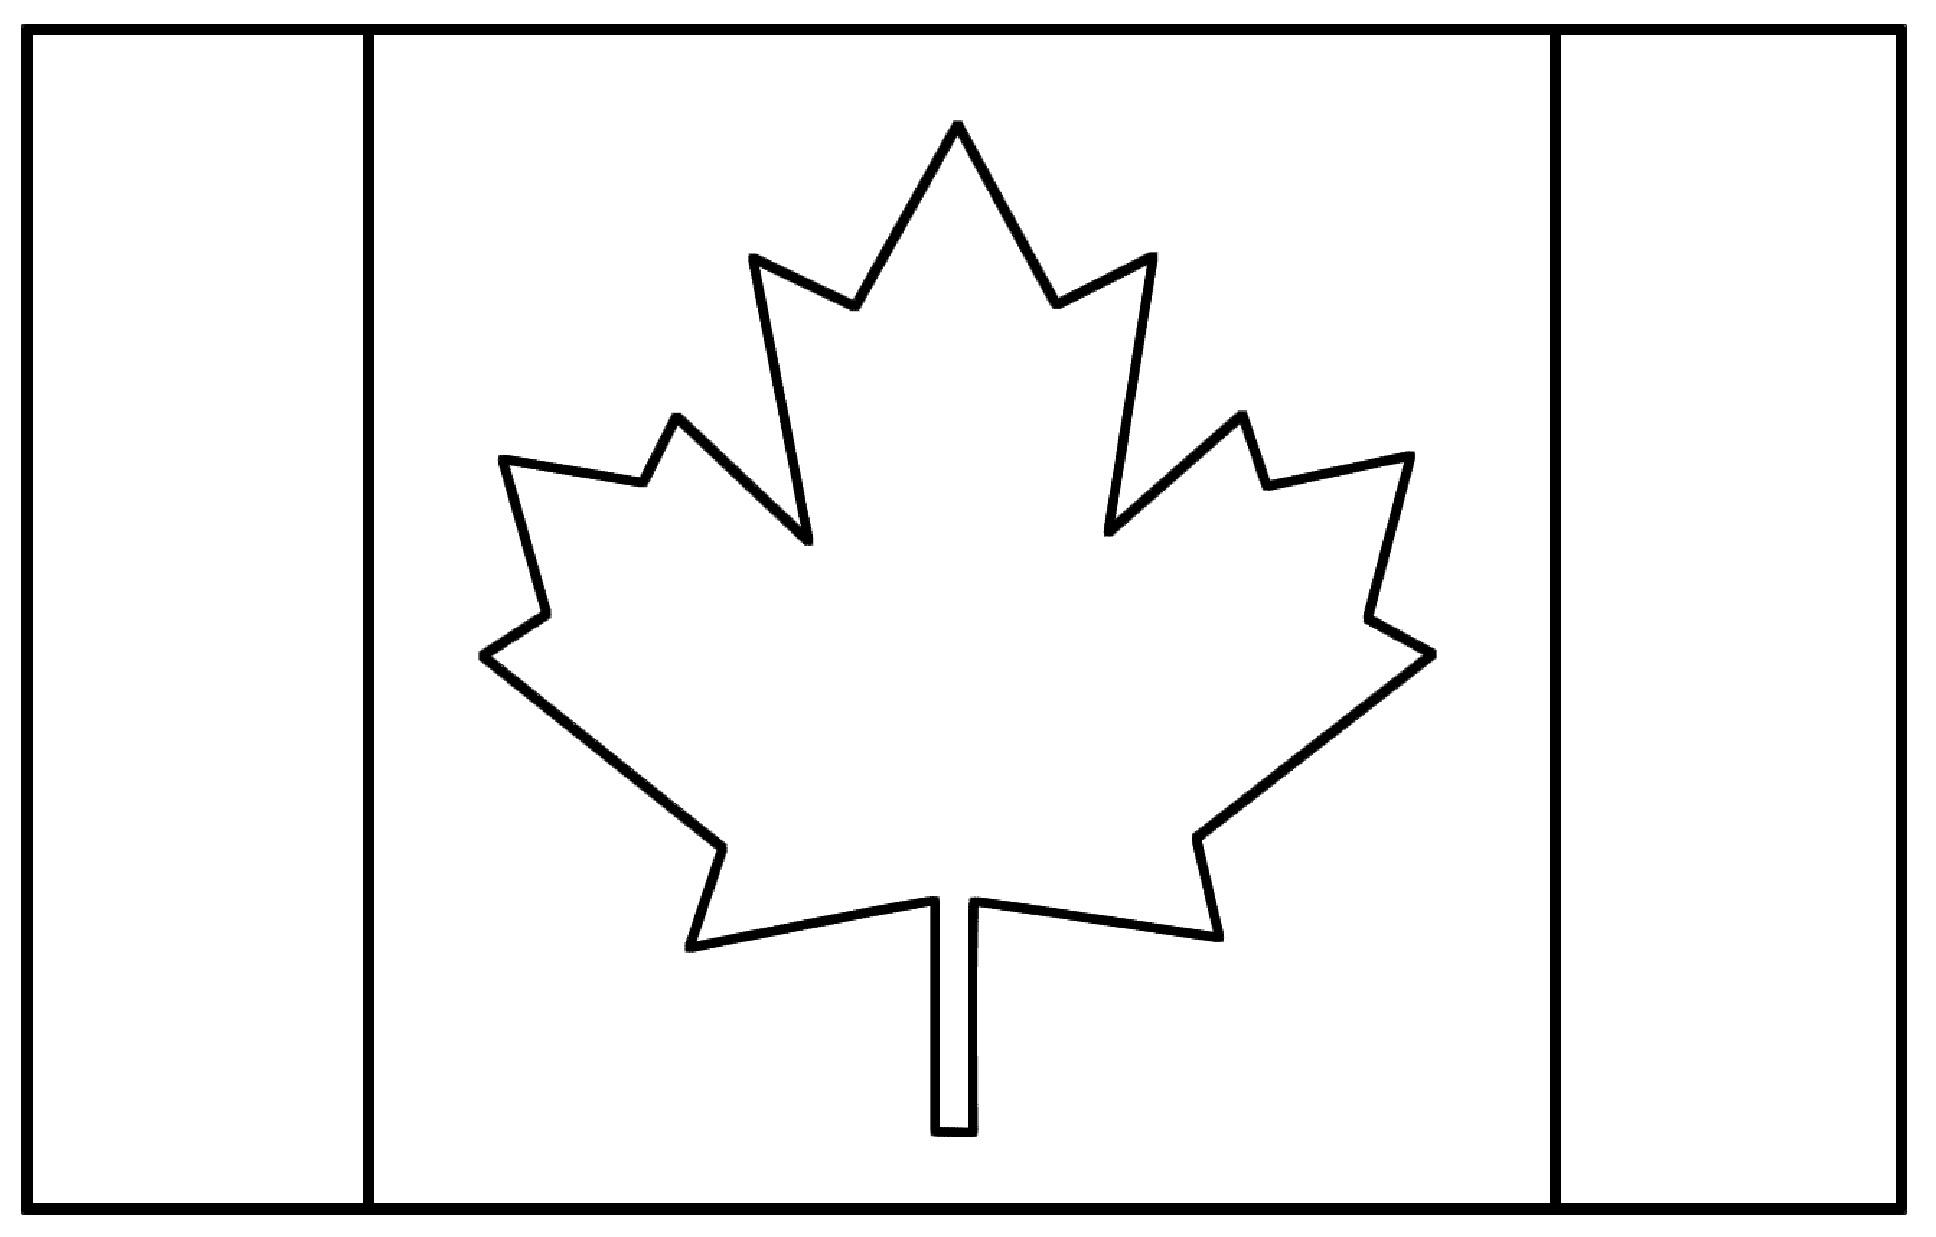 Banderas 20347 - Banderas - Colorear para Adultos